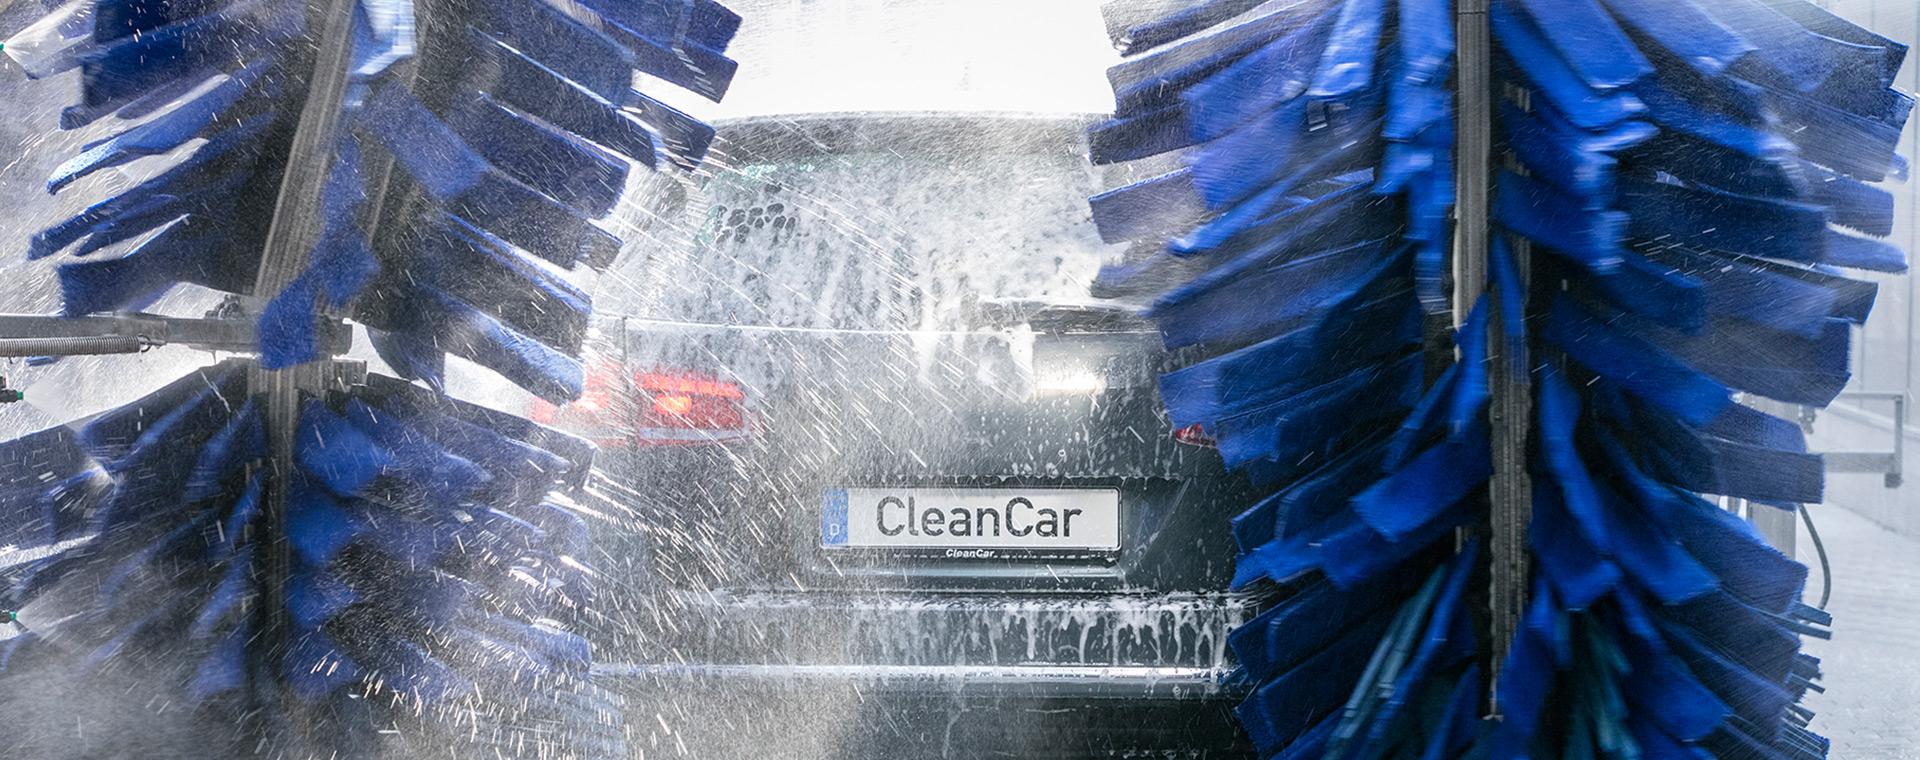 """""""Autowäsche""""  Cleancar Premium PLATIN-PFLEGE"""